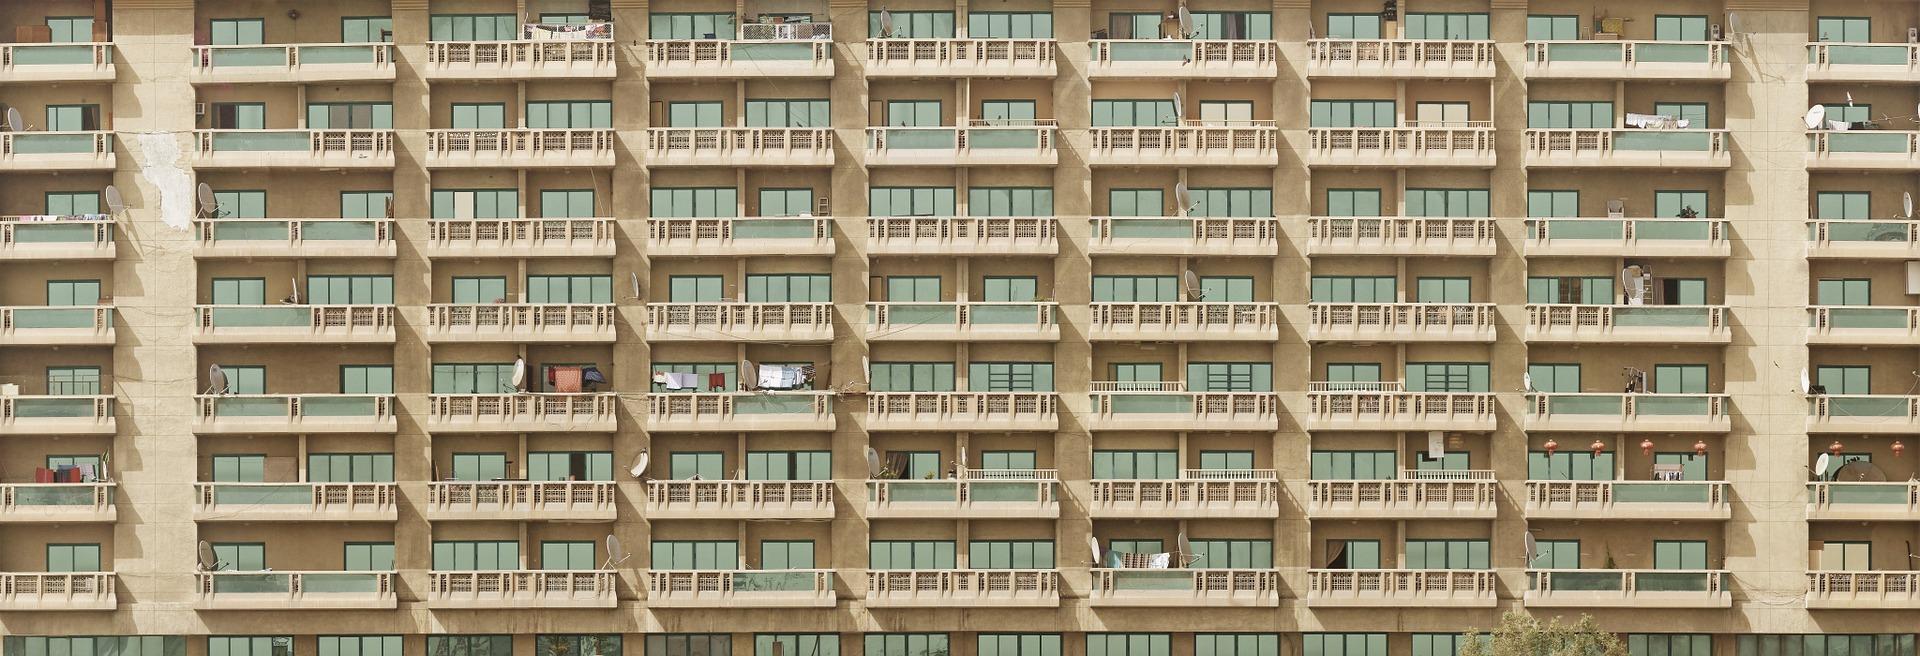 facade-1209331_1920.jpg